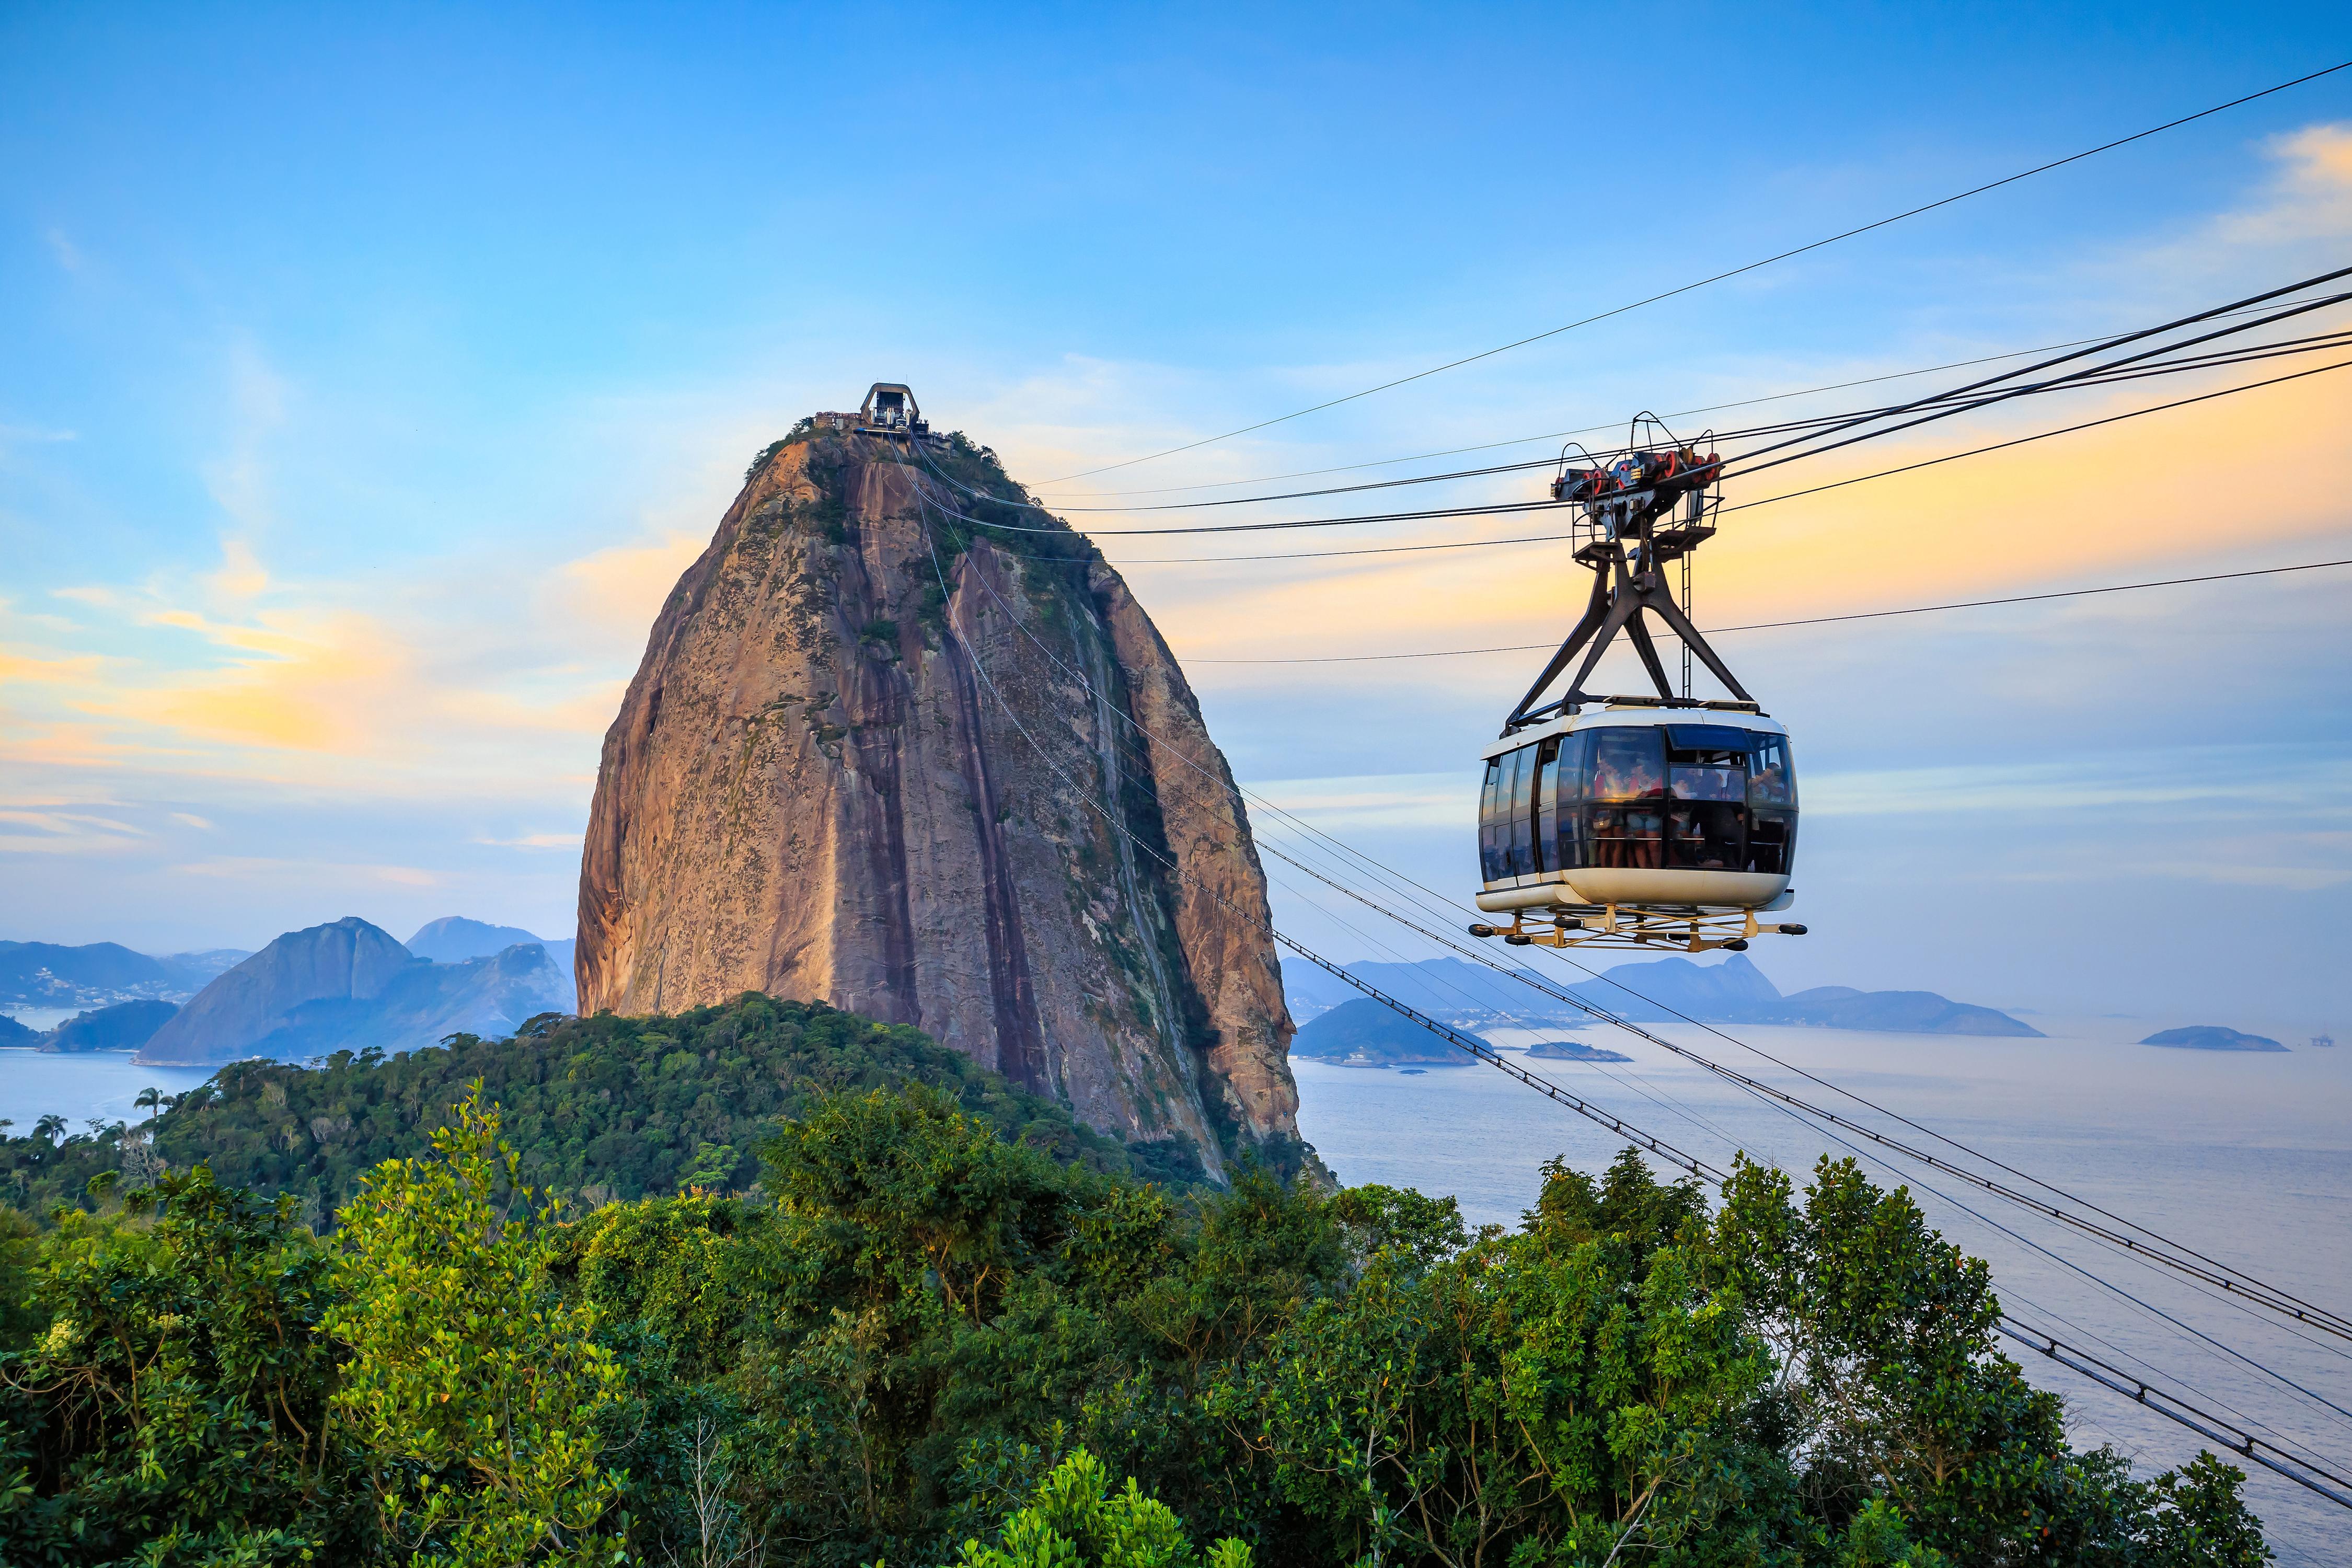 Sugar Loaf (Rio de Janeiro, Brazil)